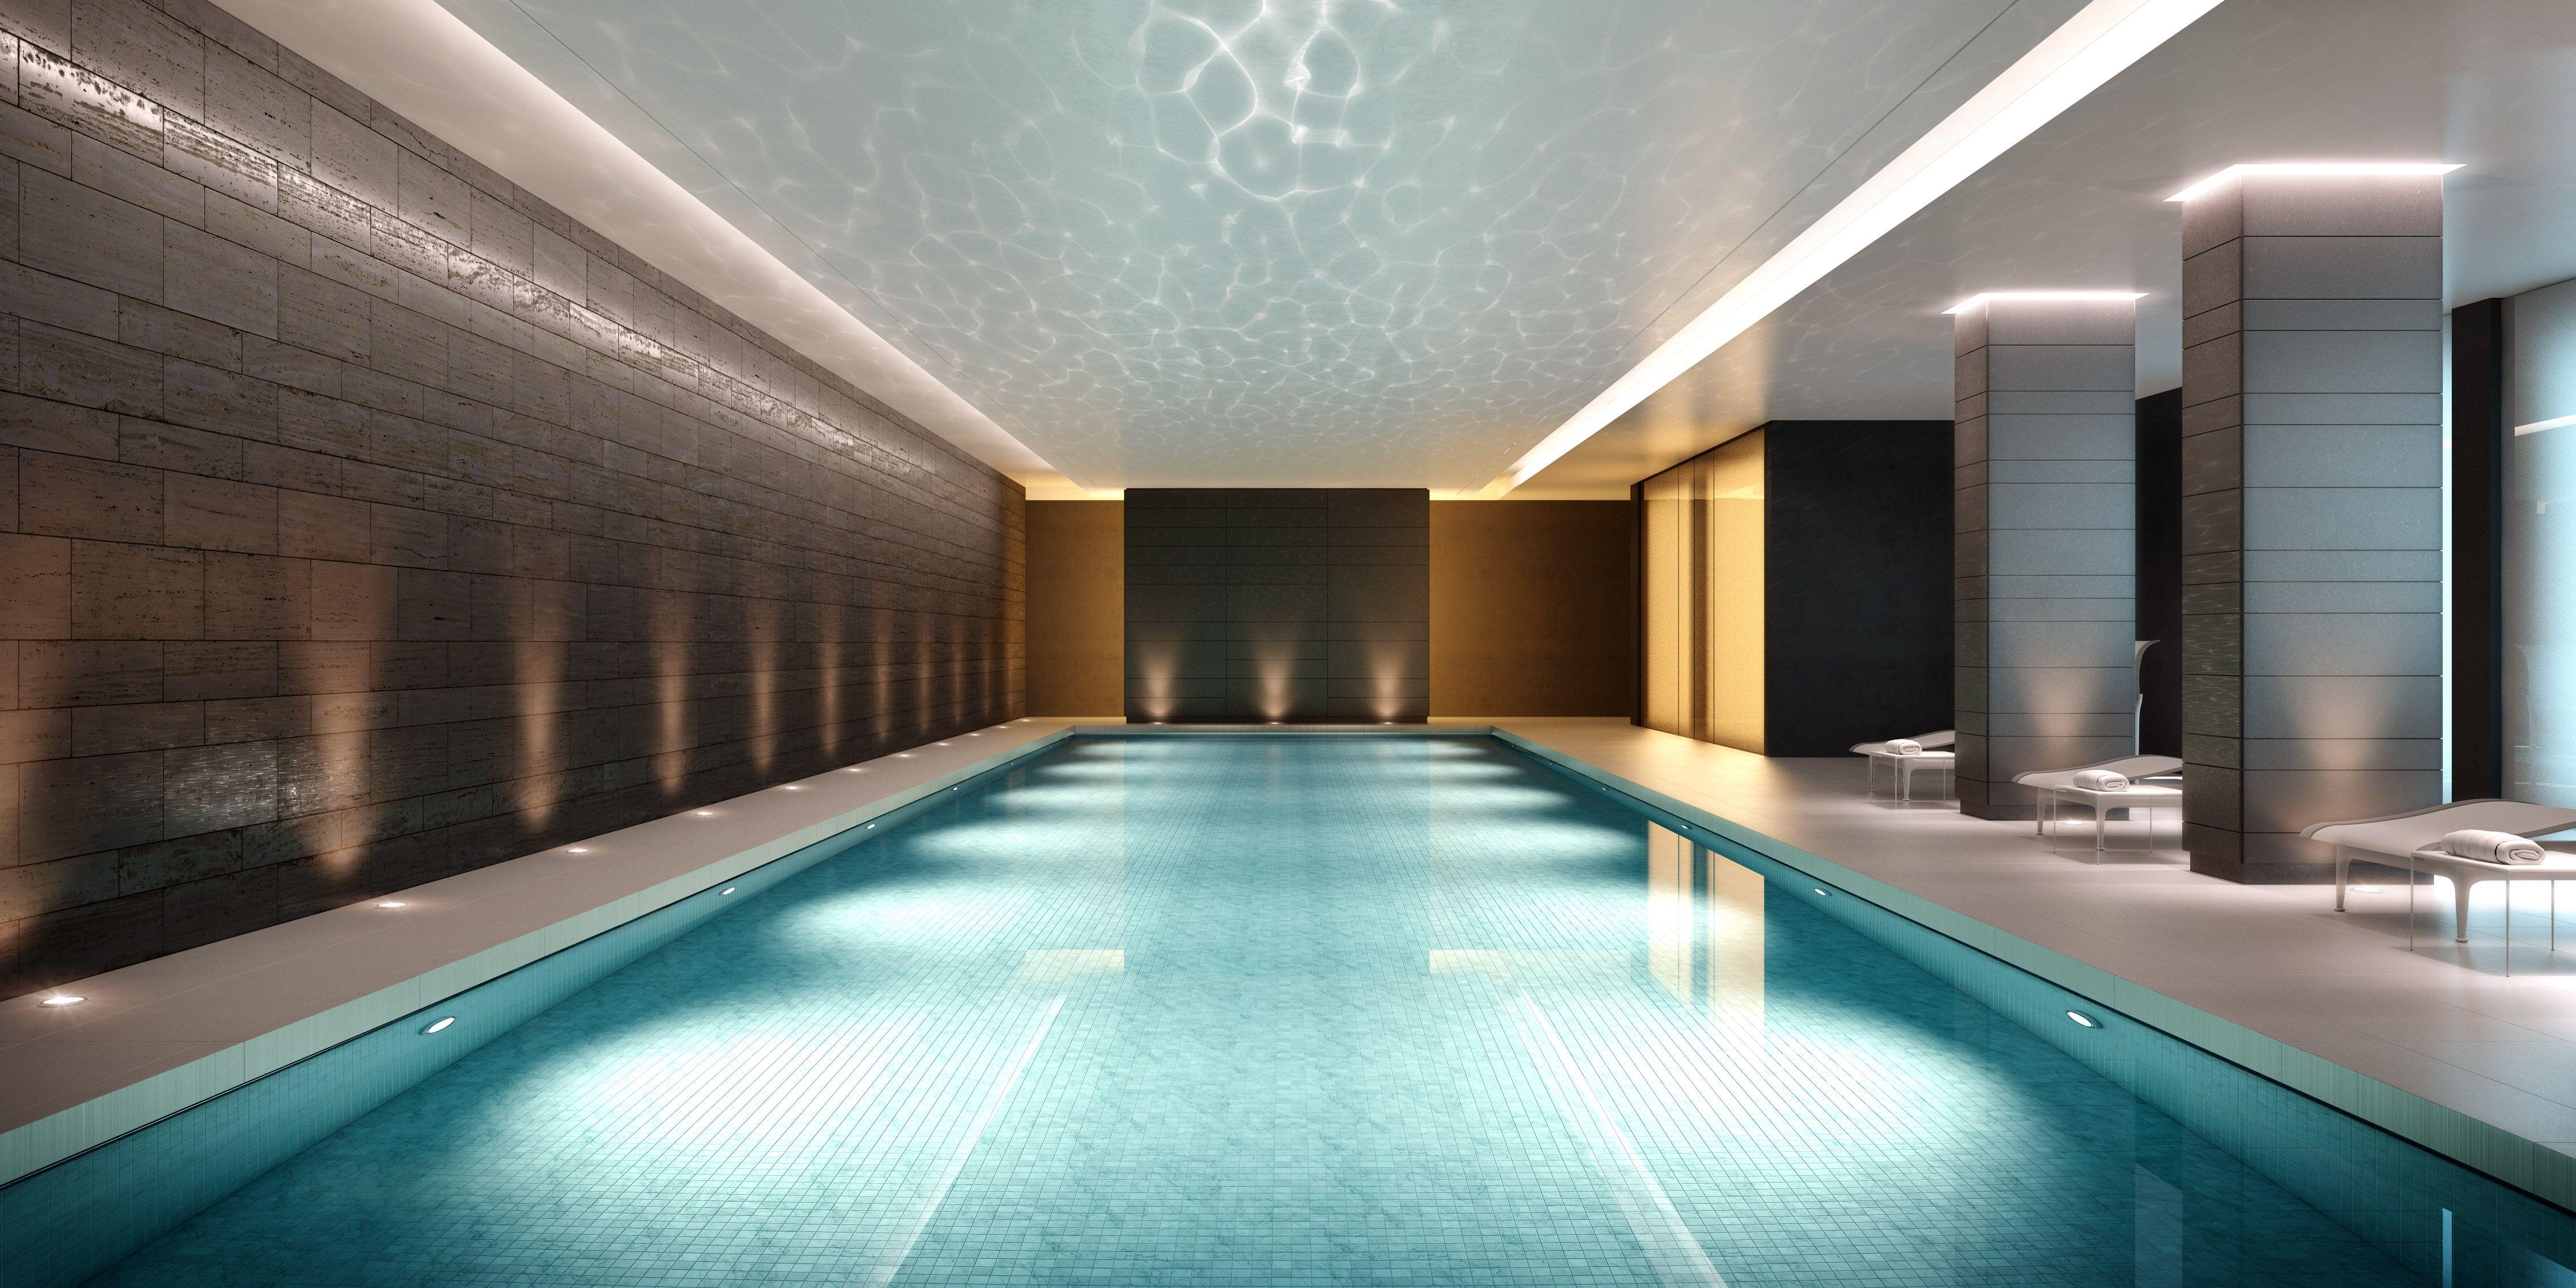 nicola fontanella interior design - Google Search | I ...